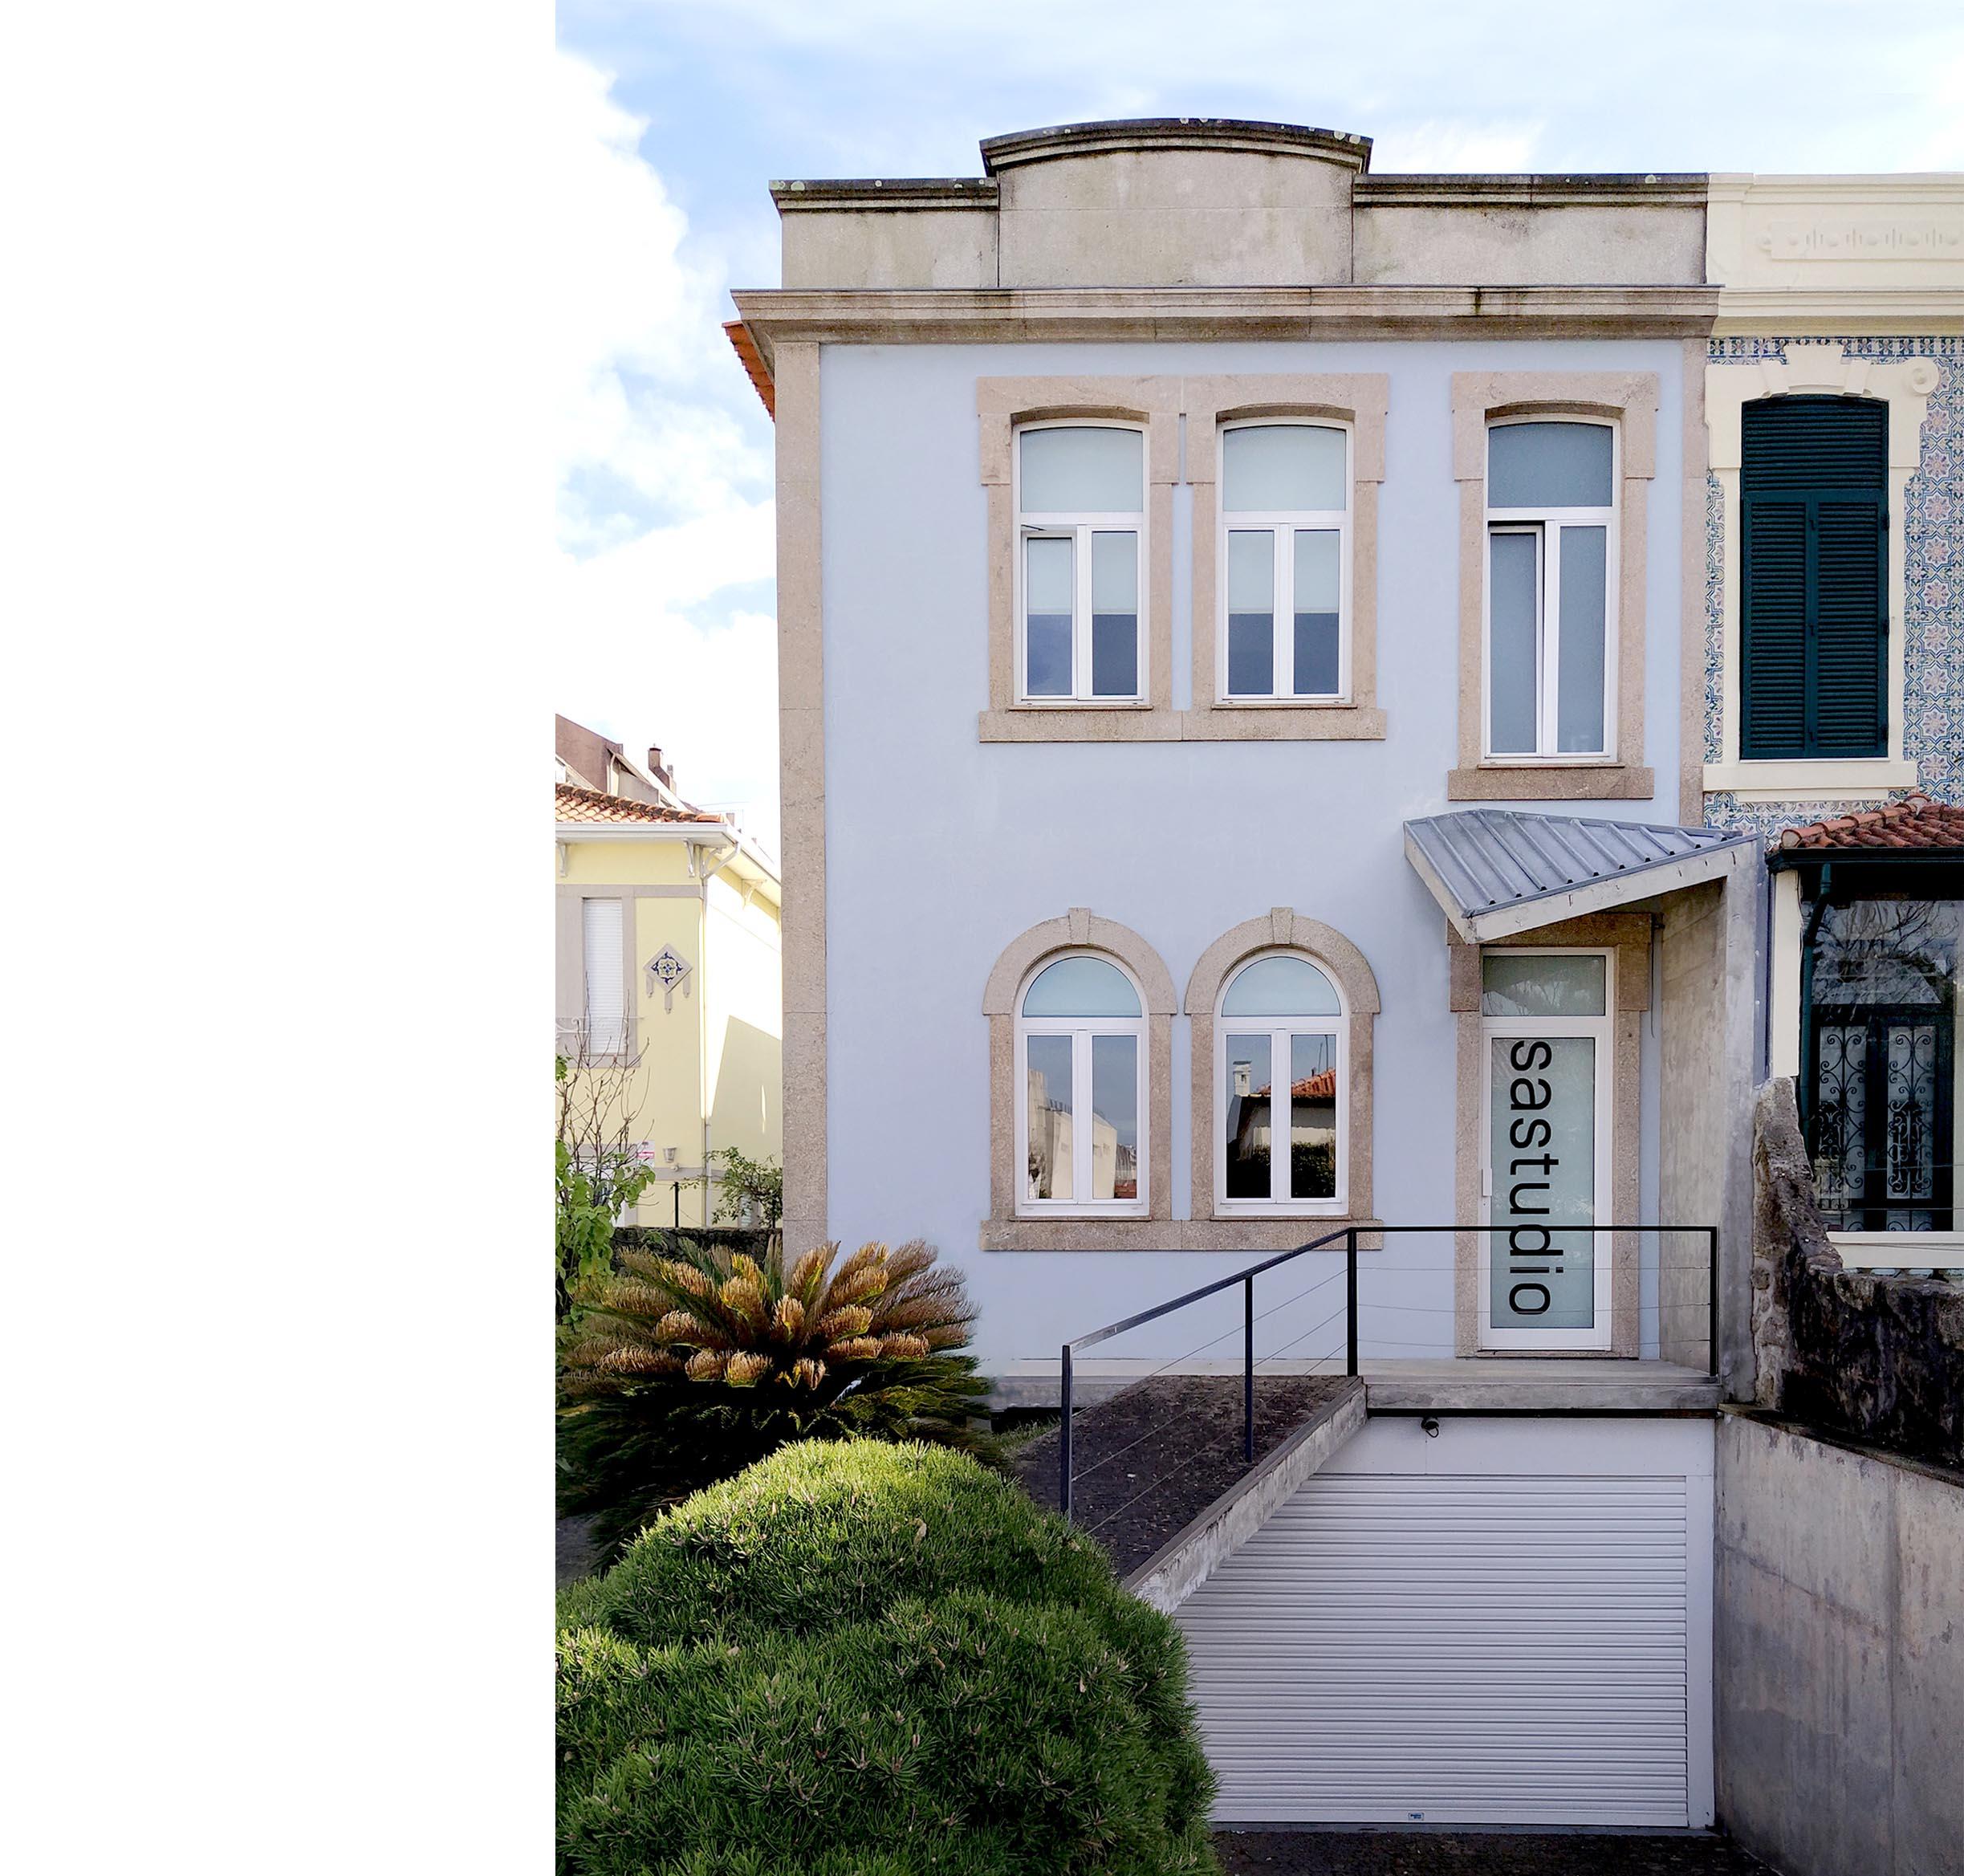 sastudio architecture office porto portugal